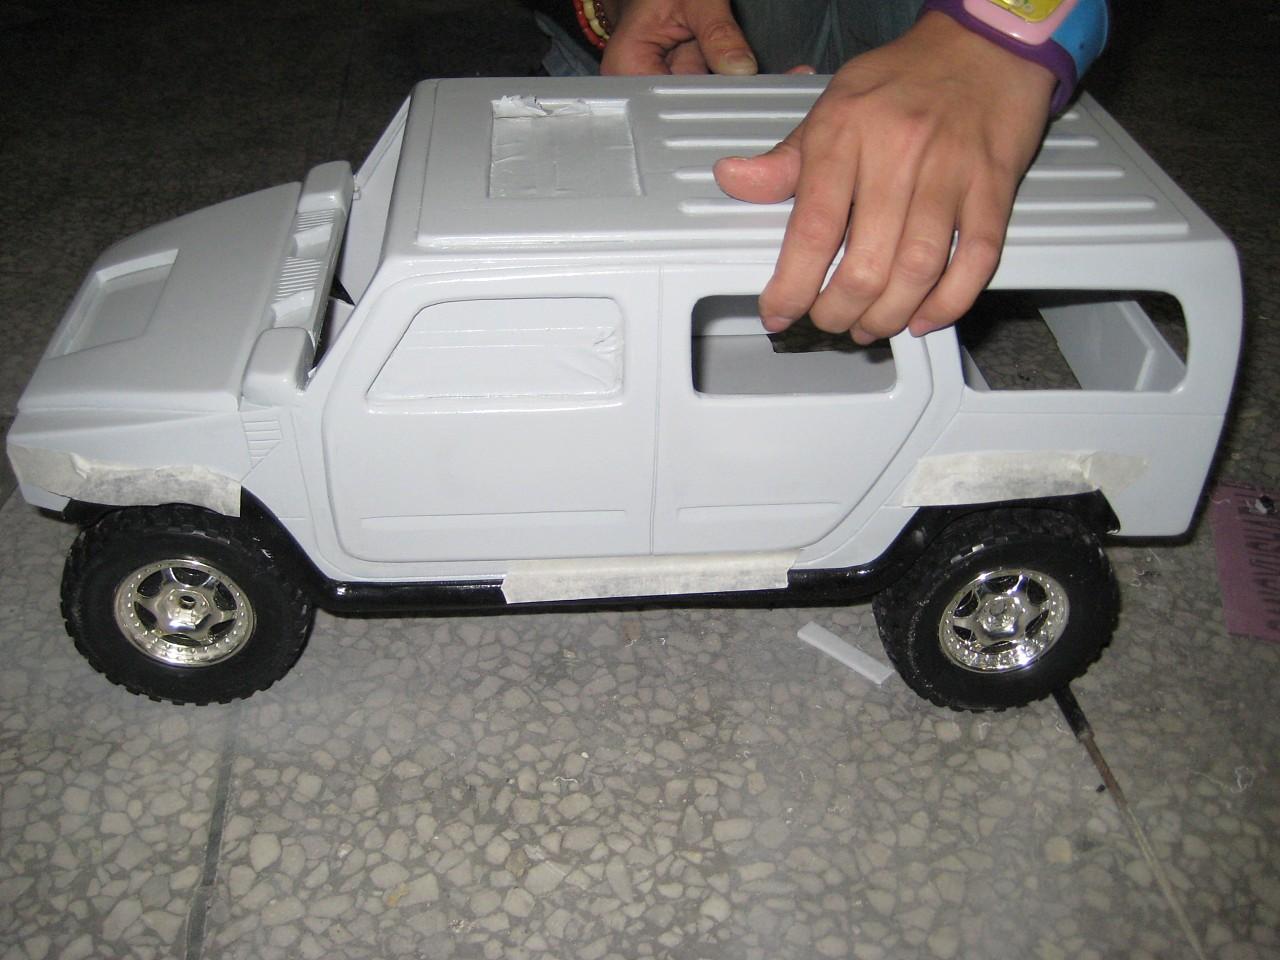 悍马h2汽车模型手工制作过程